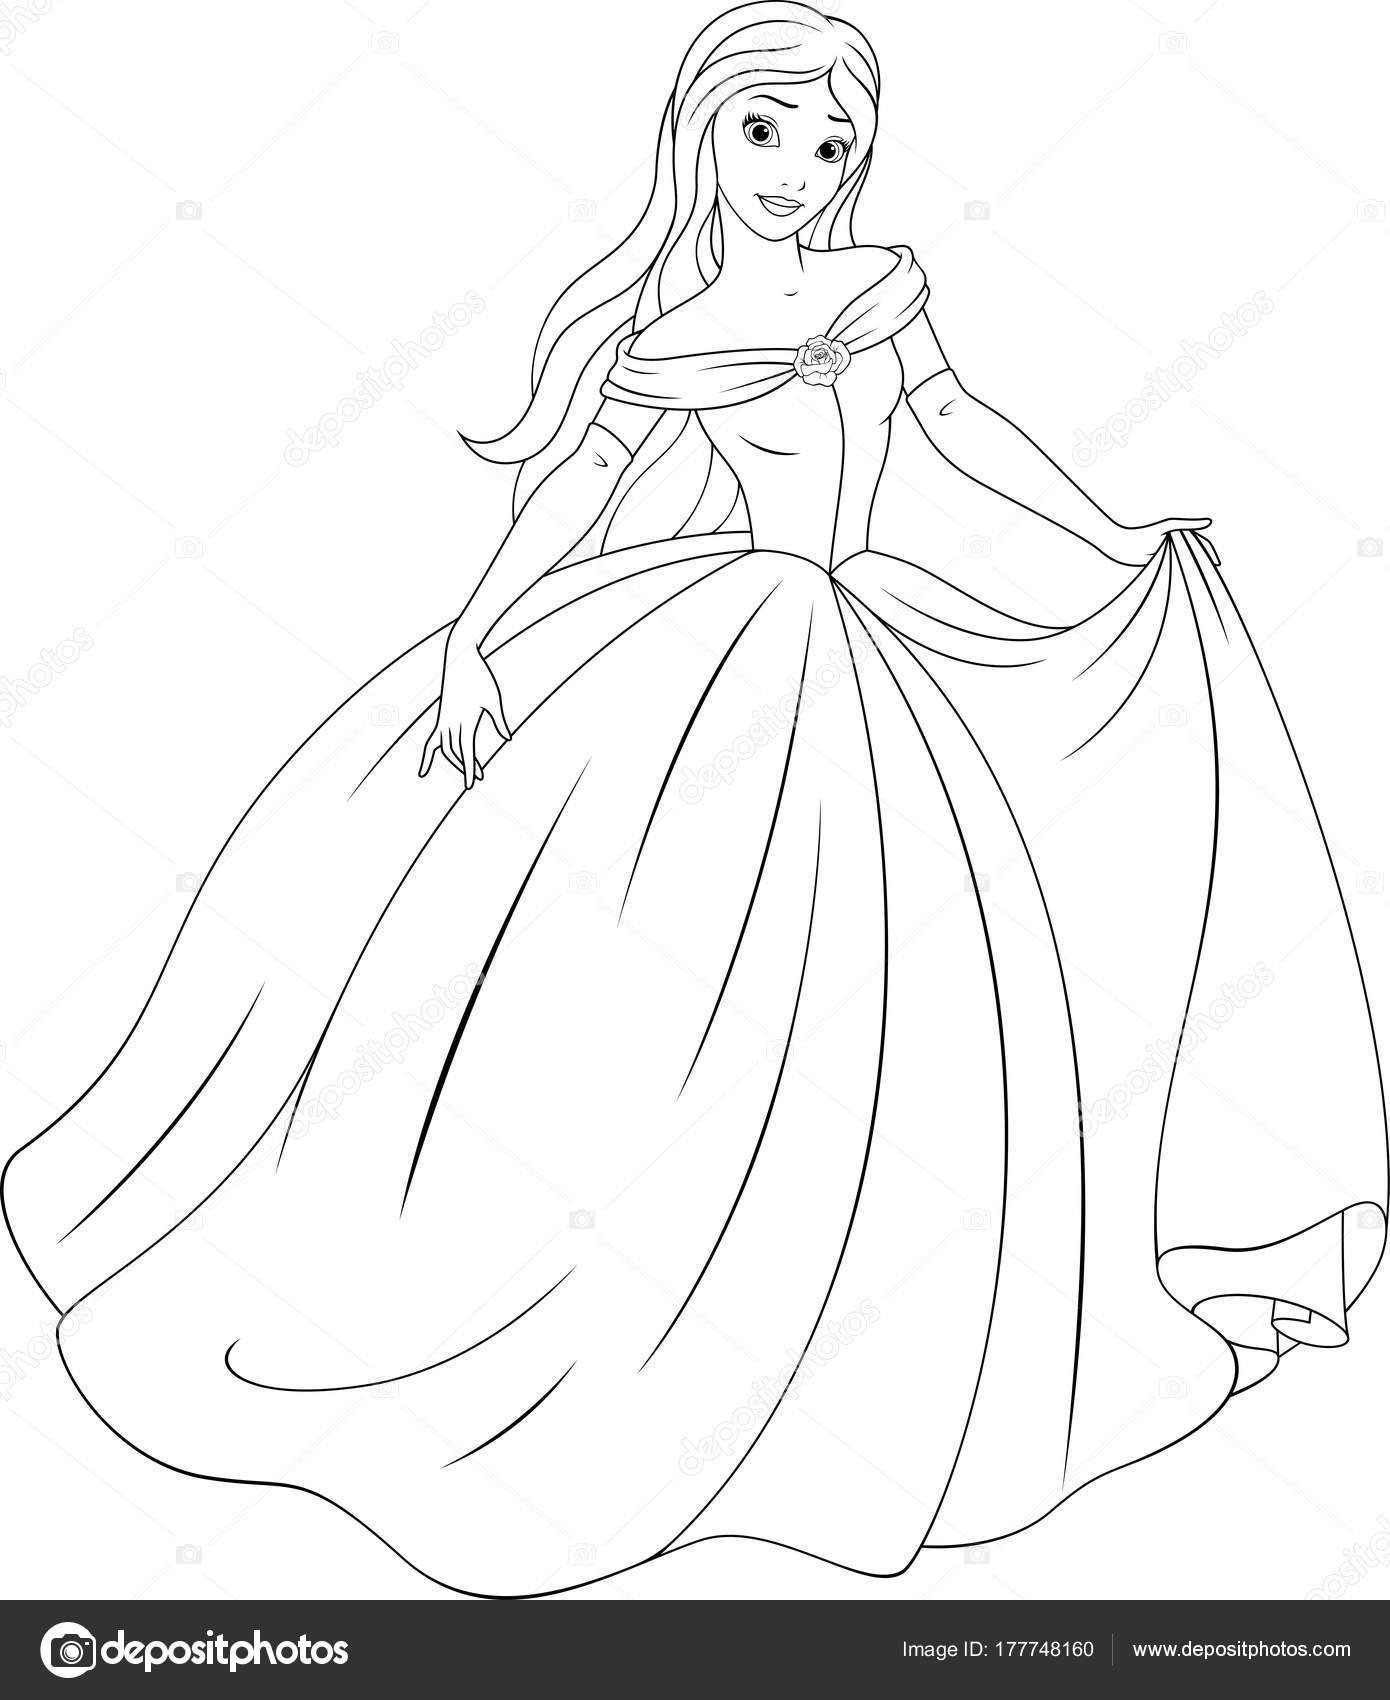 Kleurplaten Van Prinses.De Mooie Prinses Kleurplaten Stockvector C Andrey Makurin 177748160